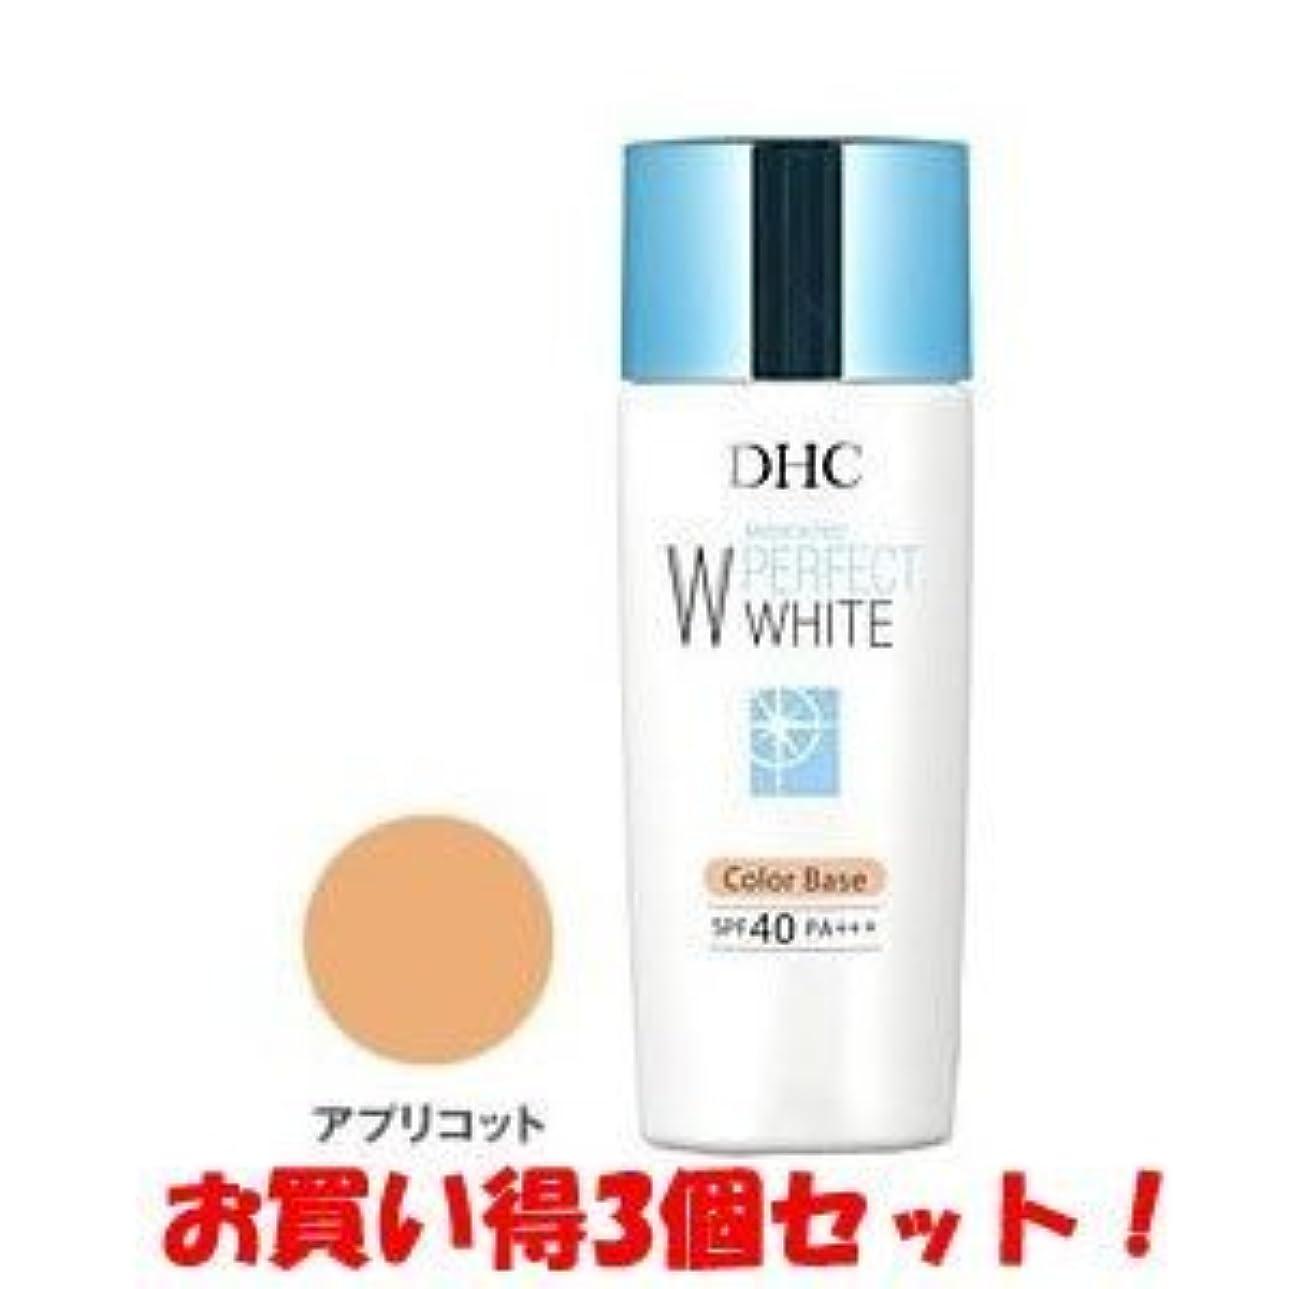 ポンペイイースター講堂DHC 薬用パーフェクトホワイト カラーベース アプリコット 30g(医薬部外品)(お買い得3個セット)